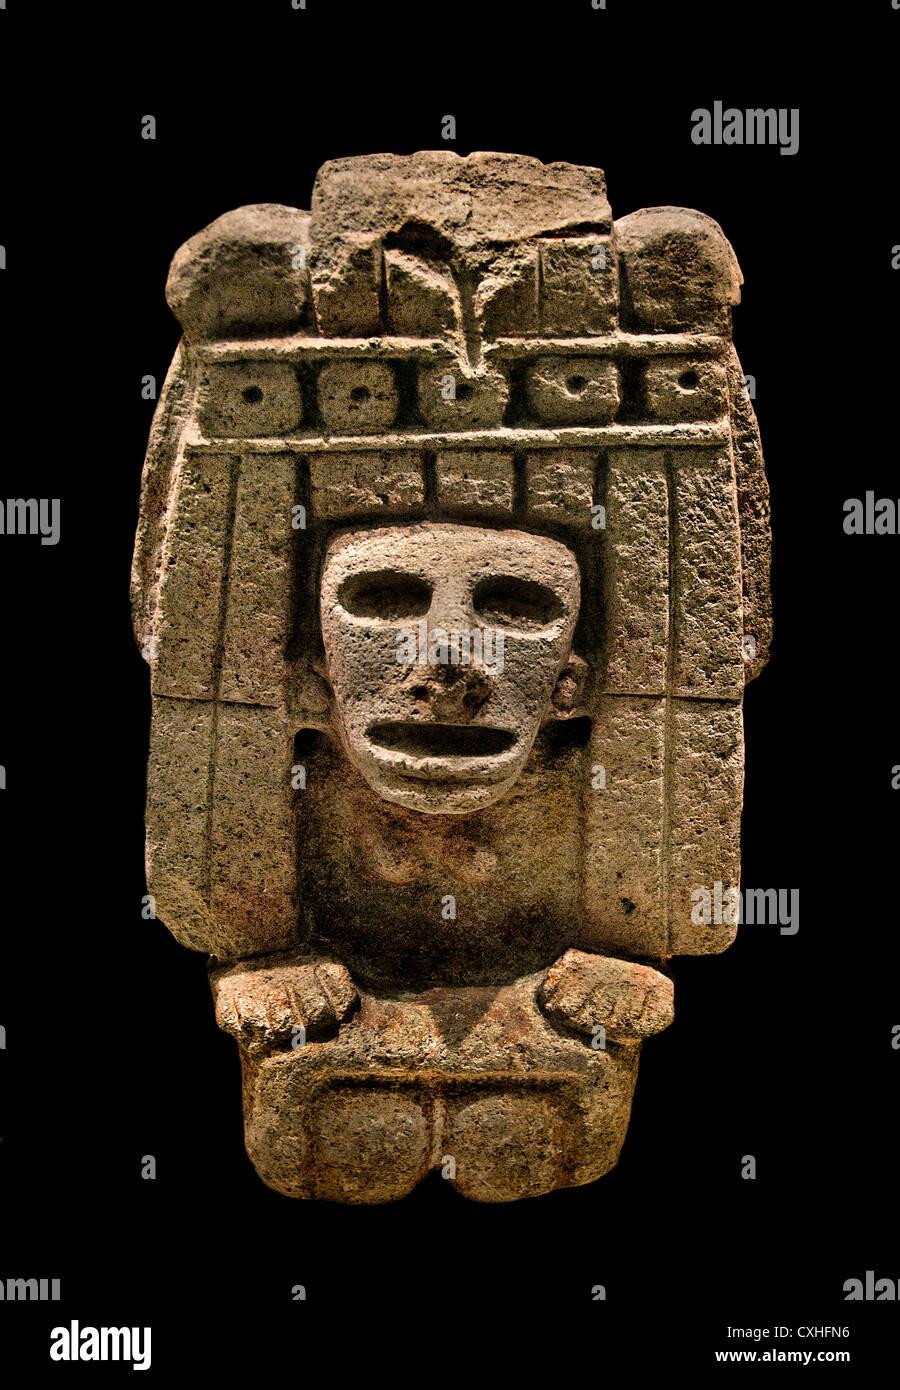 Divinité maïs Chicomecoat 15ème siècle Mexique Méso-amérique 35,56 cm x basalte Aztèque Photo Stock